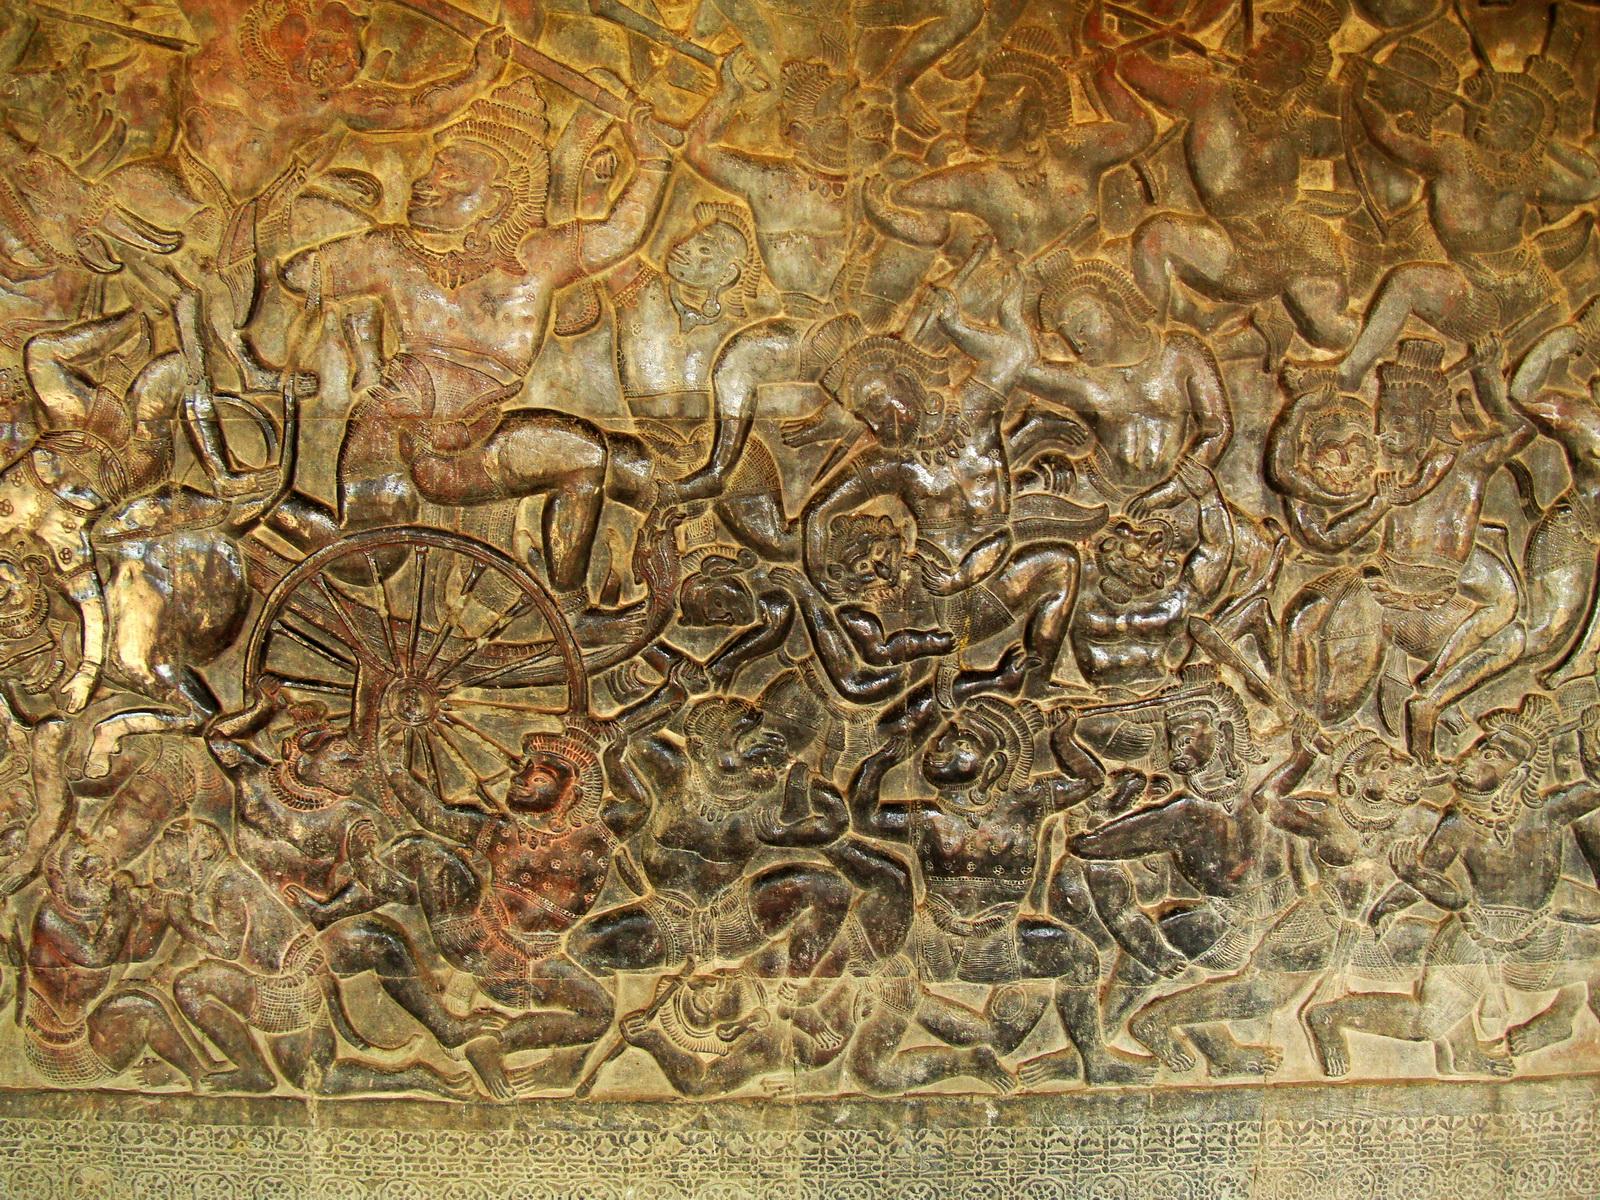 Angkor Wat Bas relief W Gallery N Wing Battle of Lanka 69